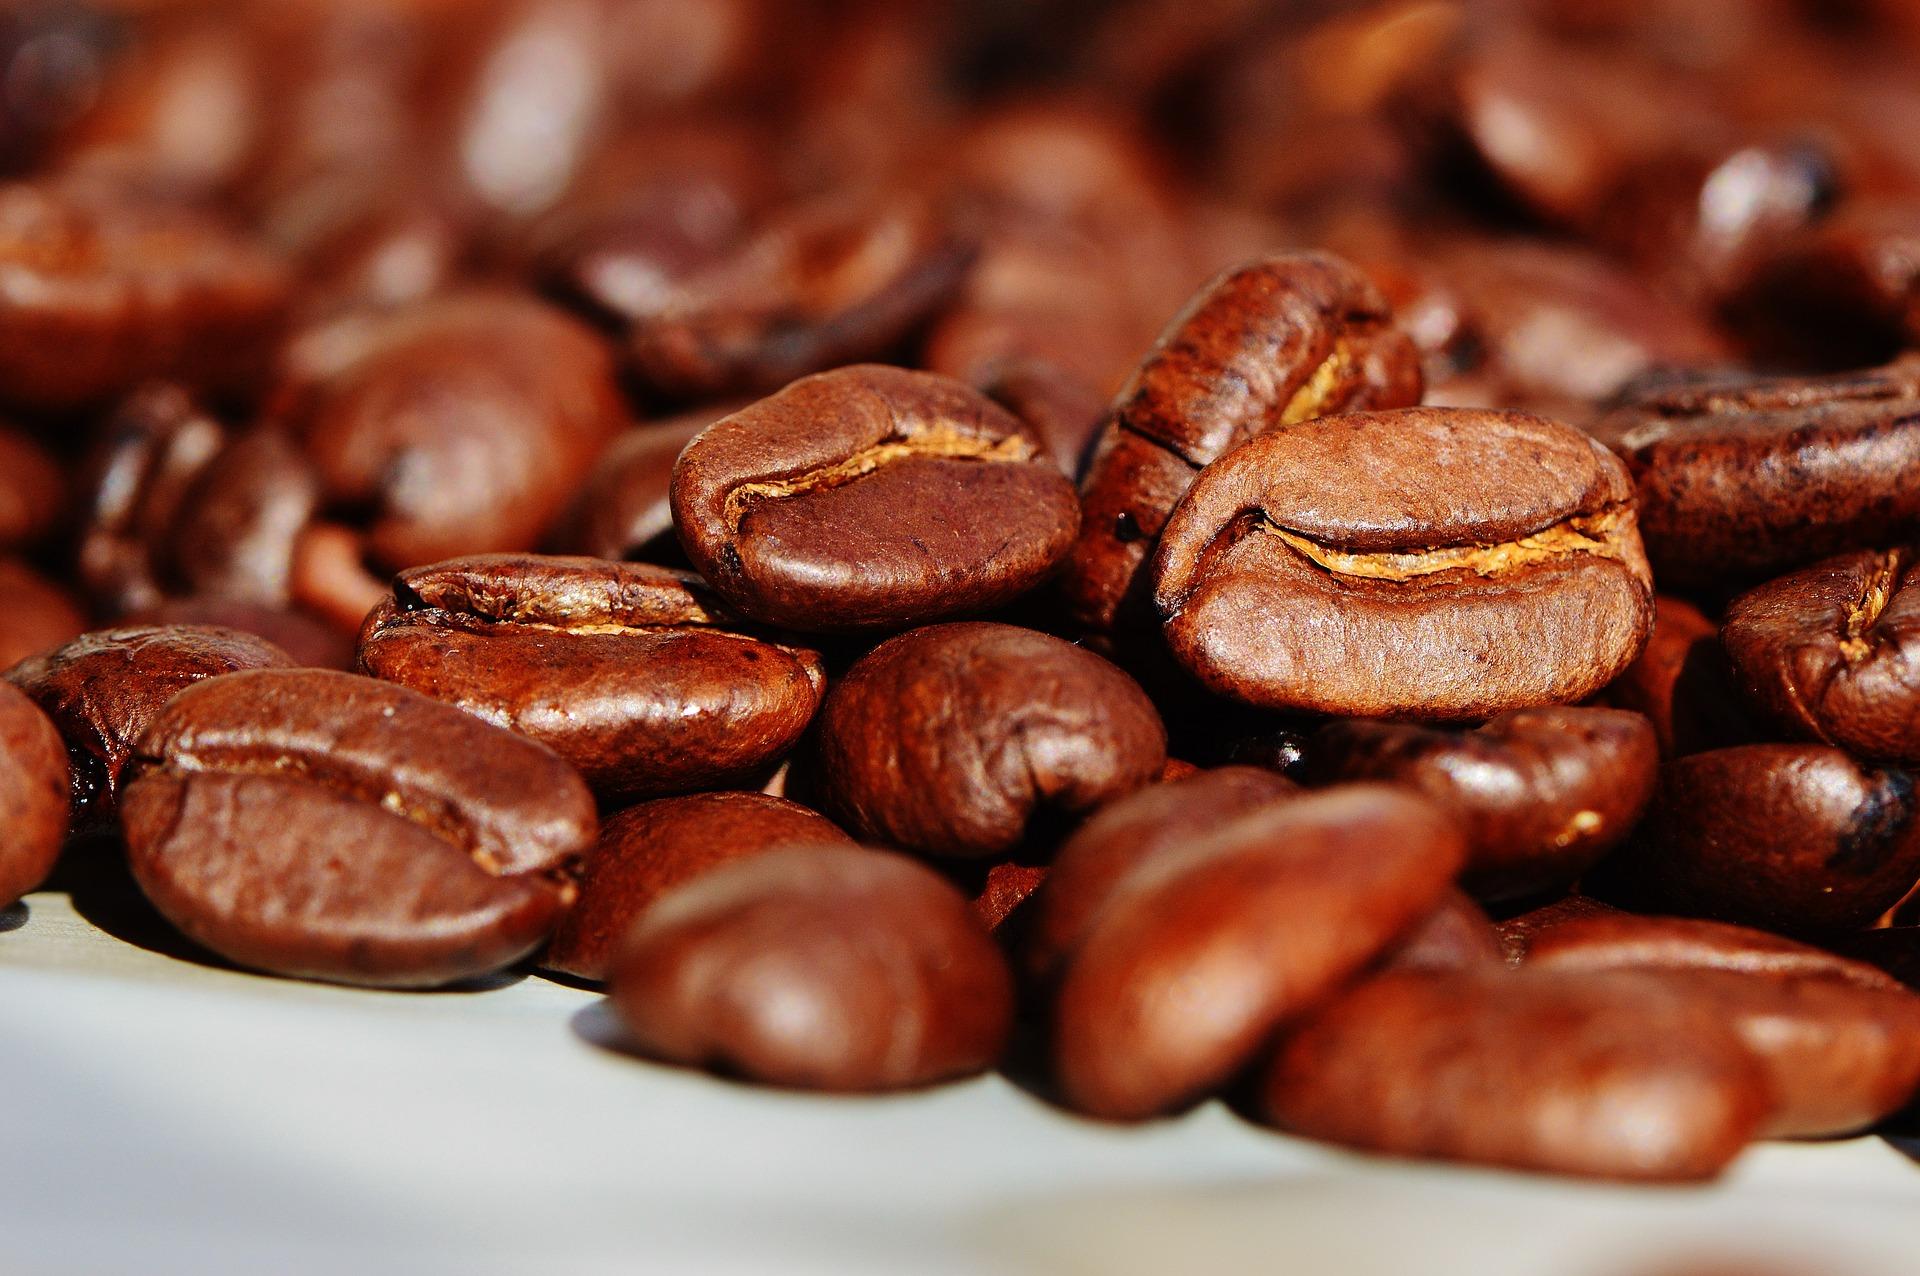 非薬物療法 第8回:コーヒーをたくさん飲むと死亡が減りますか?